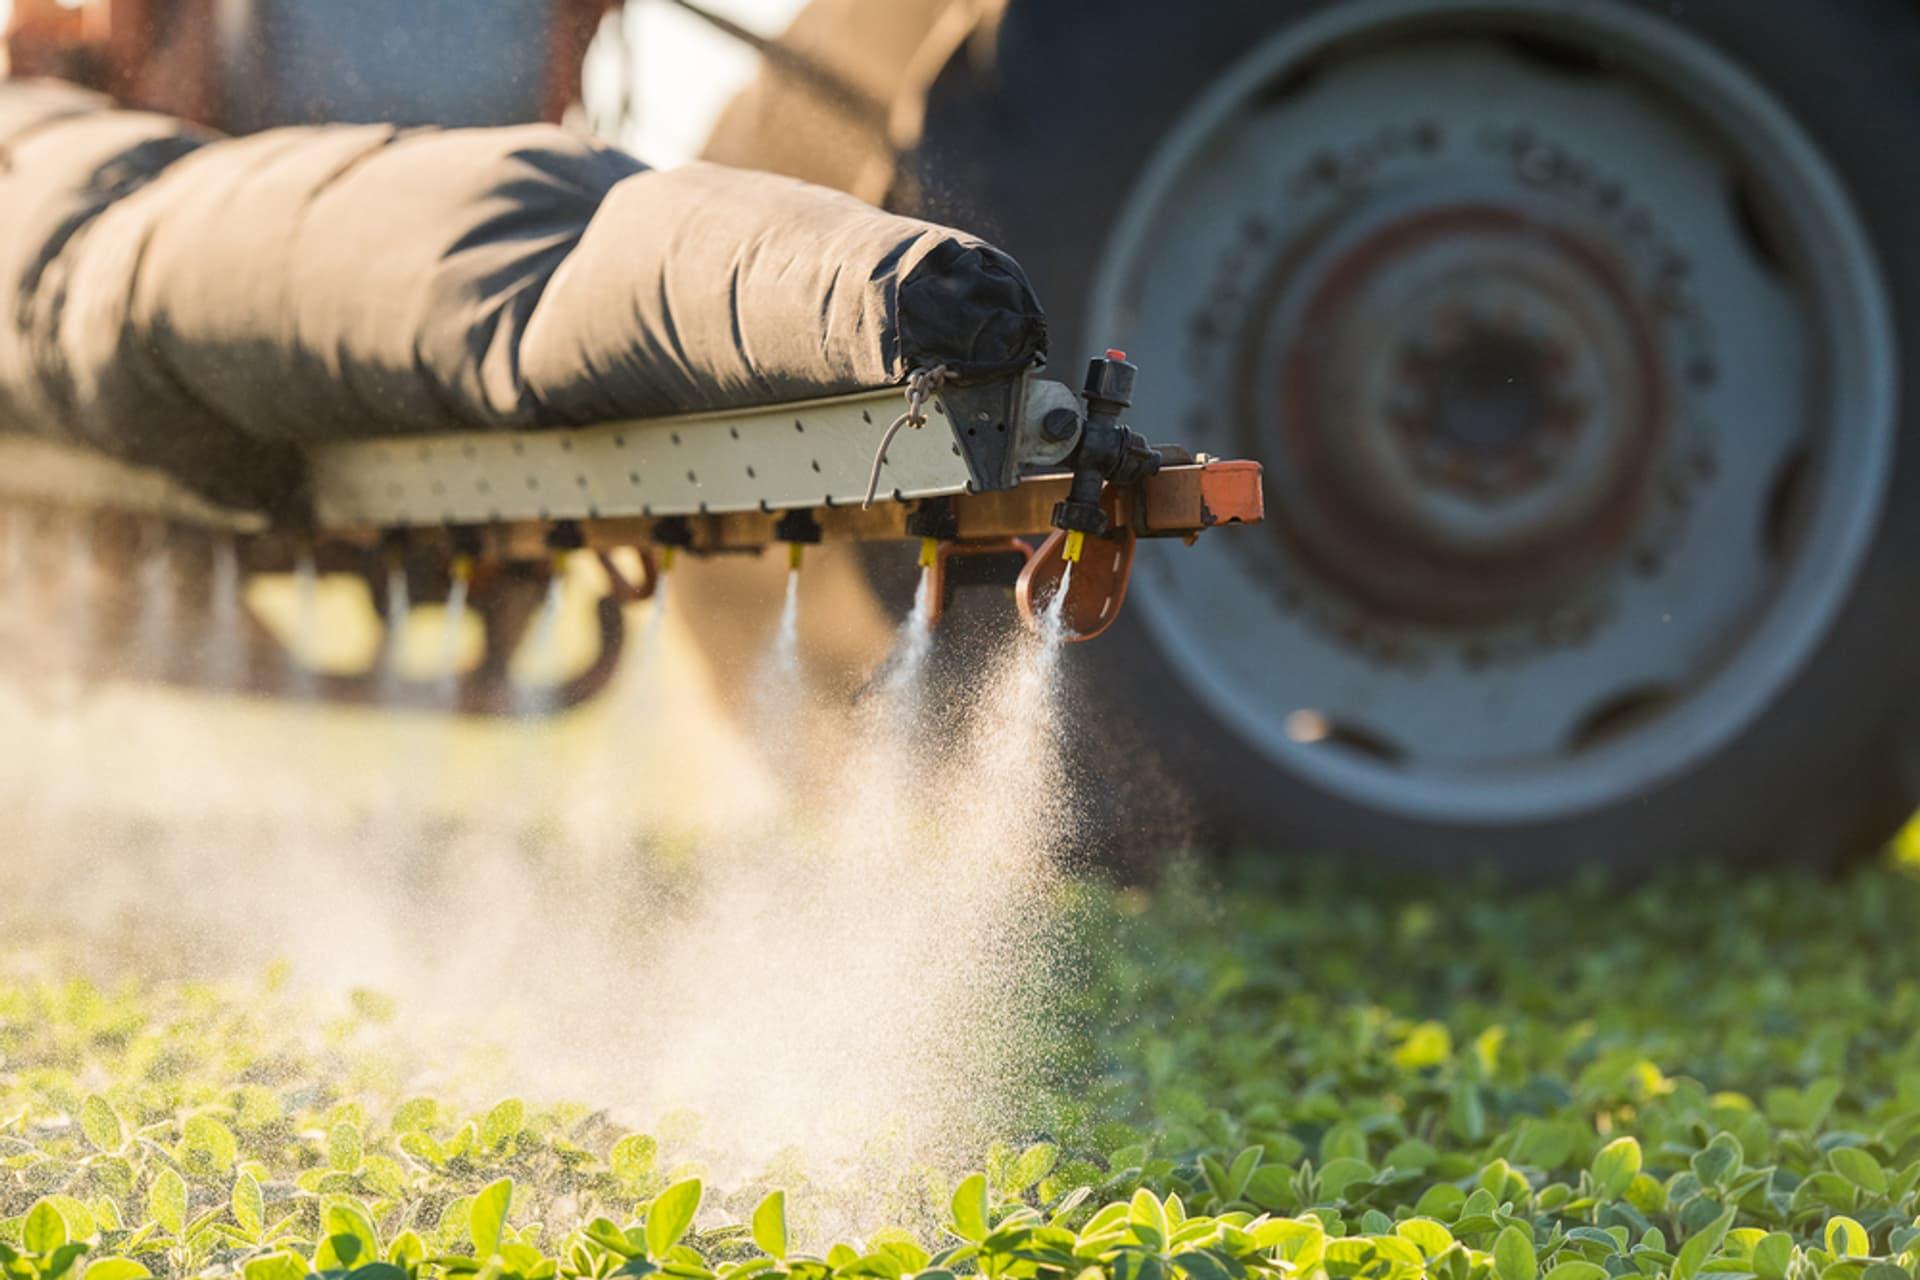 Ein Trecker sprüht Pestizide auf eine Wiese